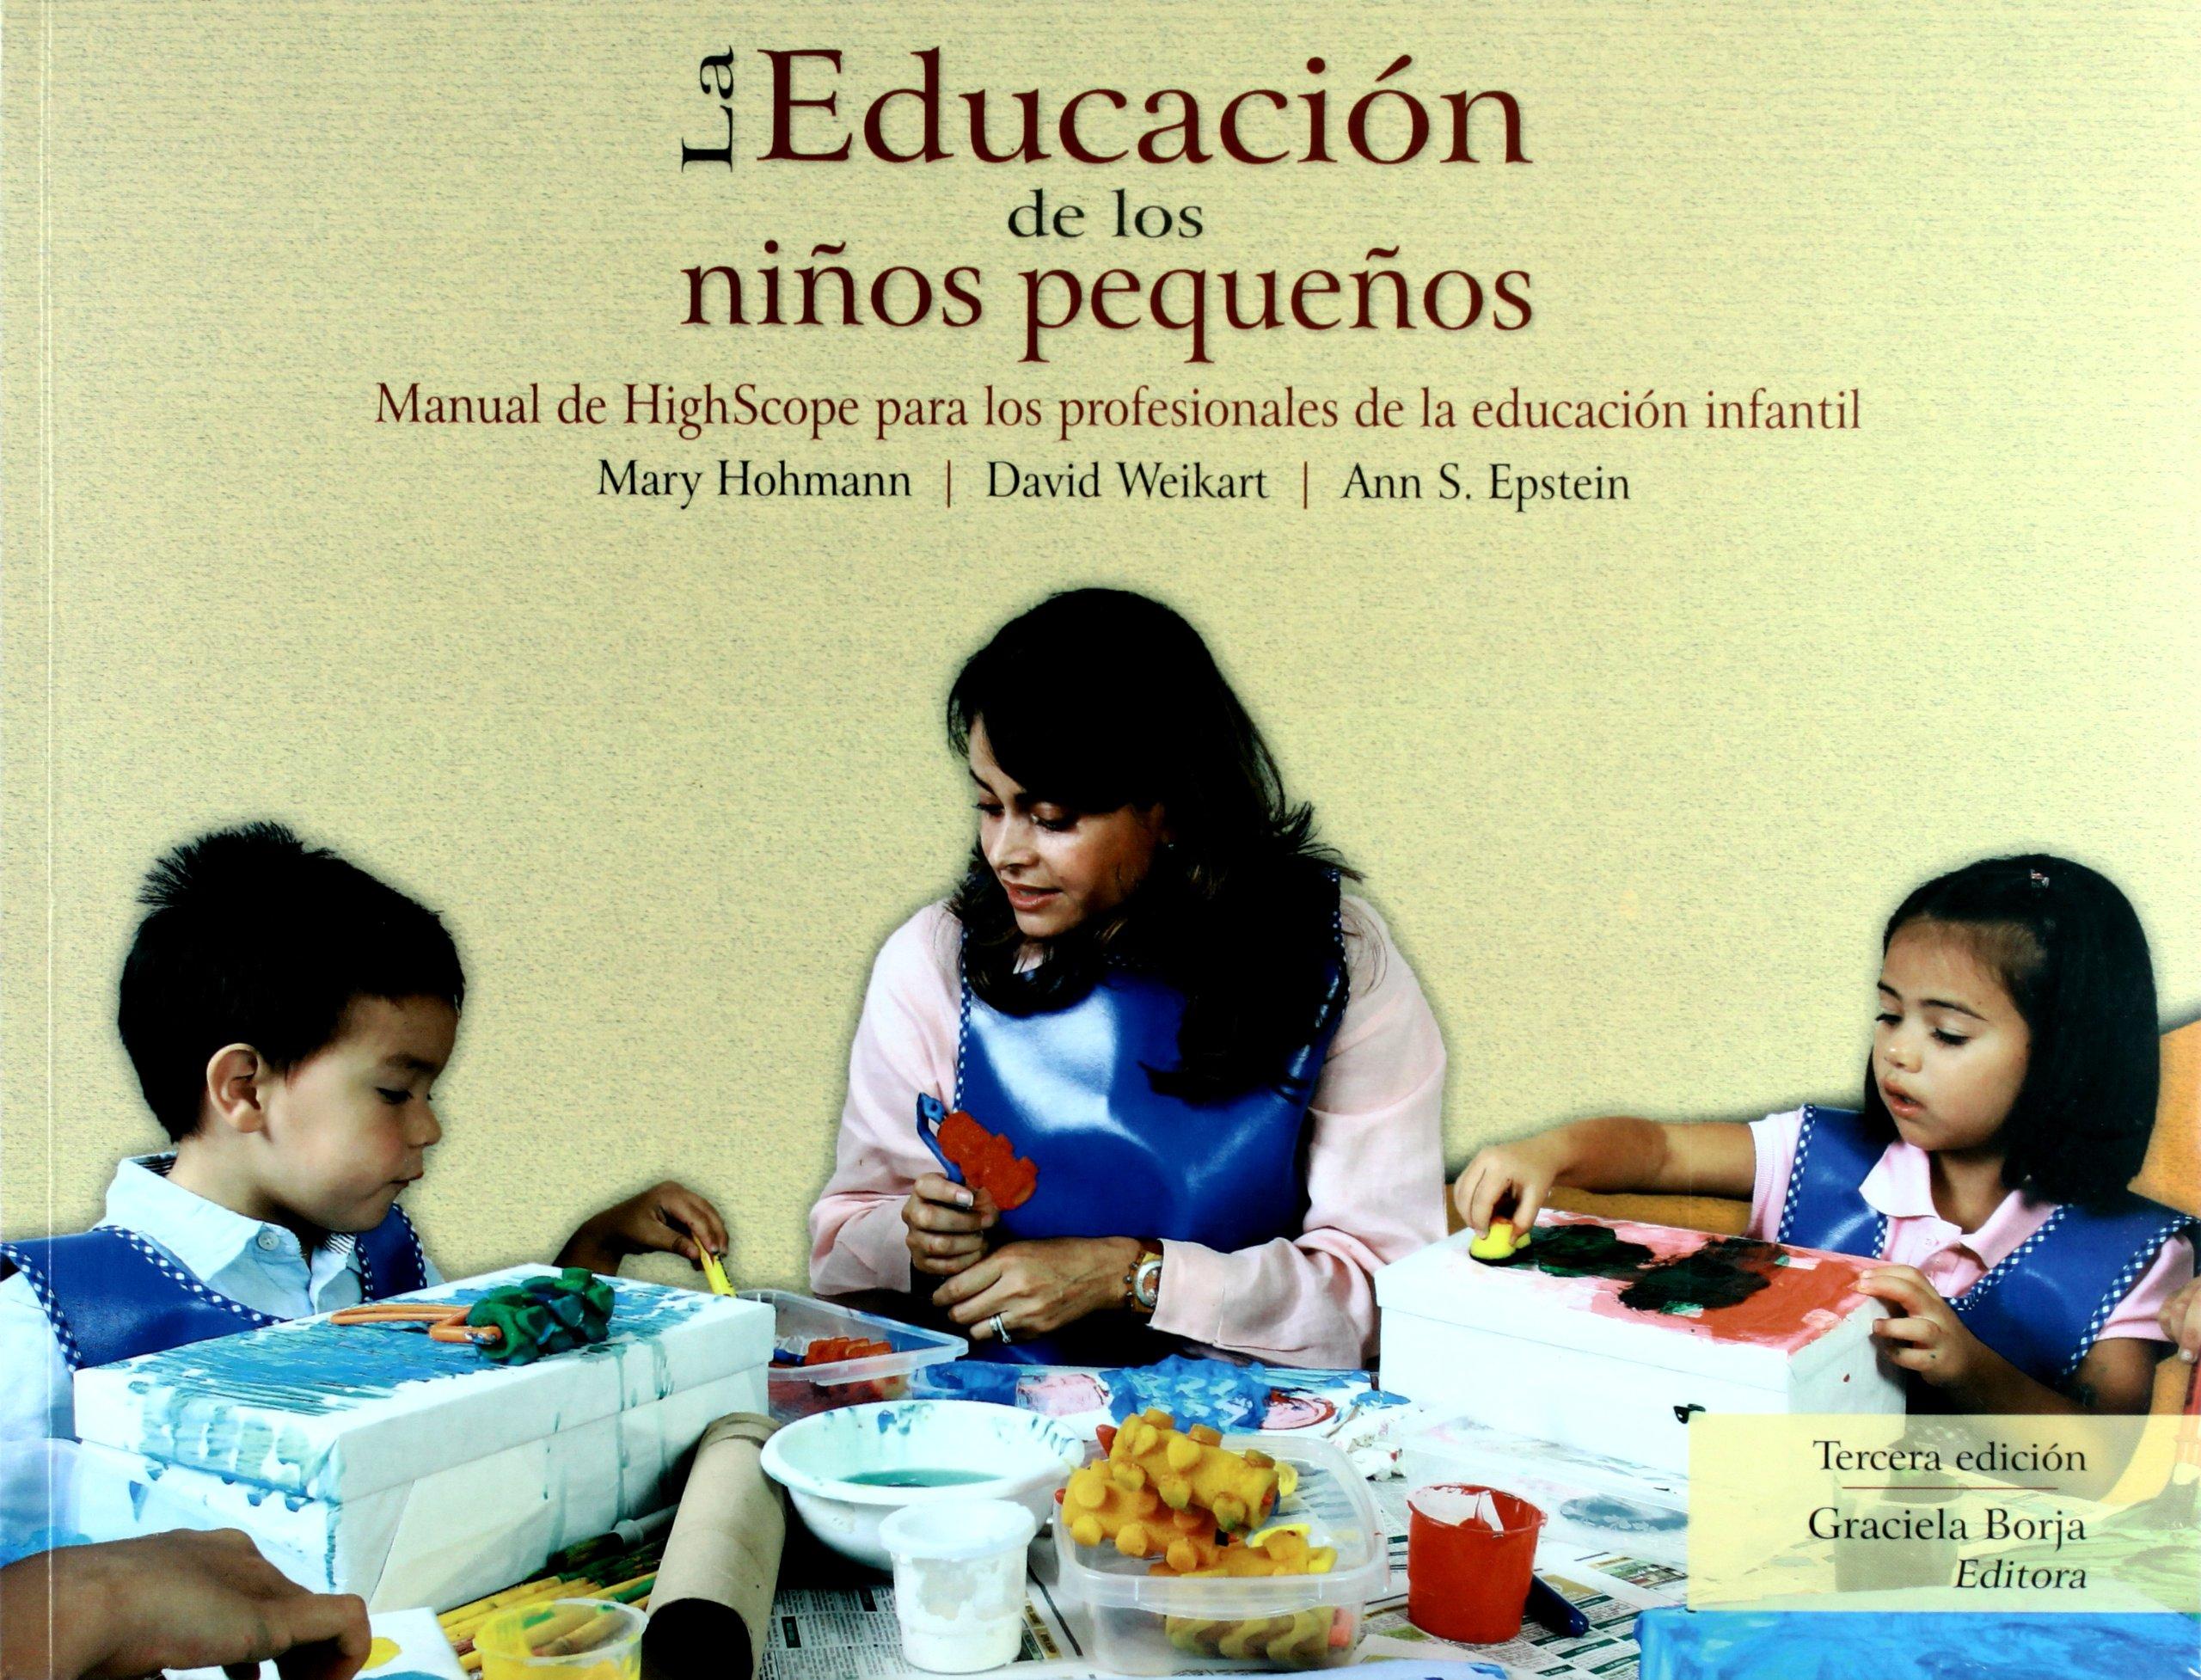 Download La educacion de los ninos pequenos. Manual de HighScope para los profesionales de la educacion infantil (Spanish Edition) ebook